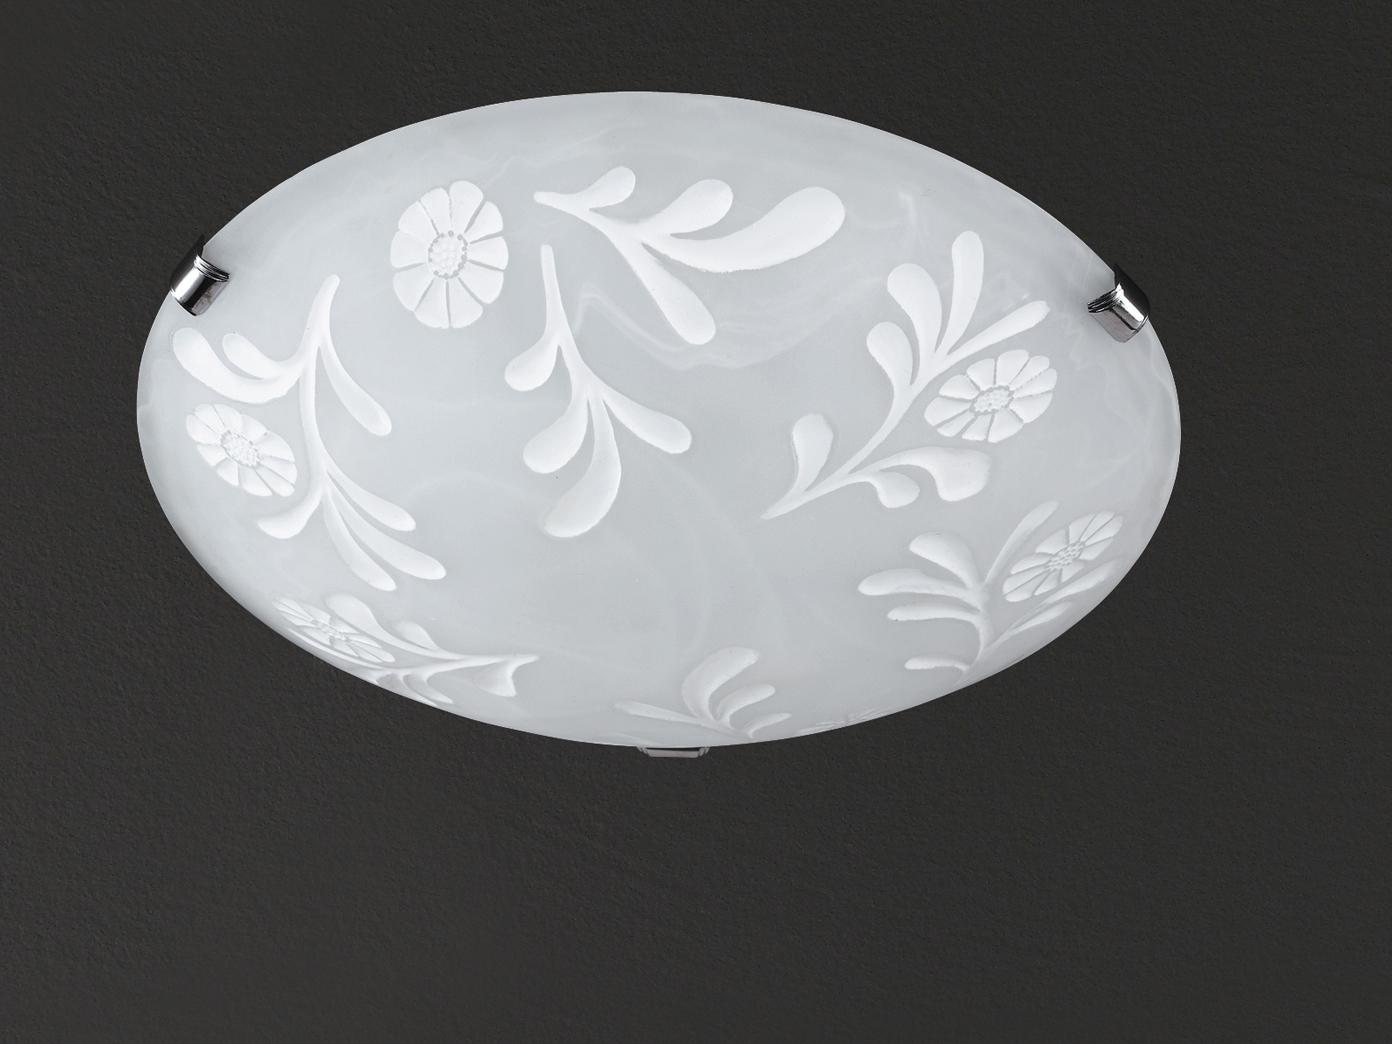 Deckenleuchte, Glas alabaster weiß, Dekor, Chrom, Honsel-Leuchten, FLORA